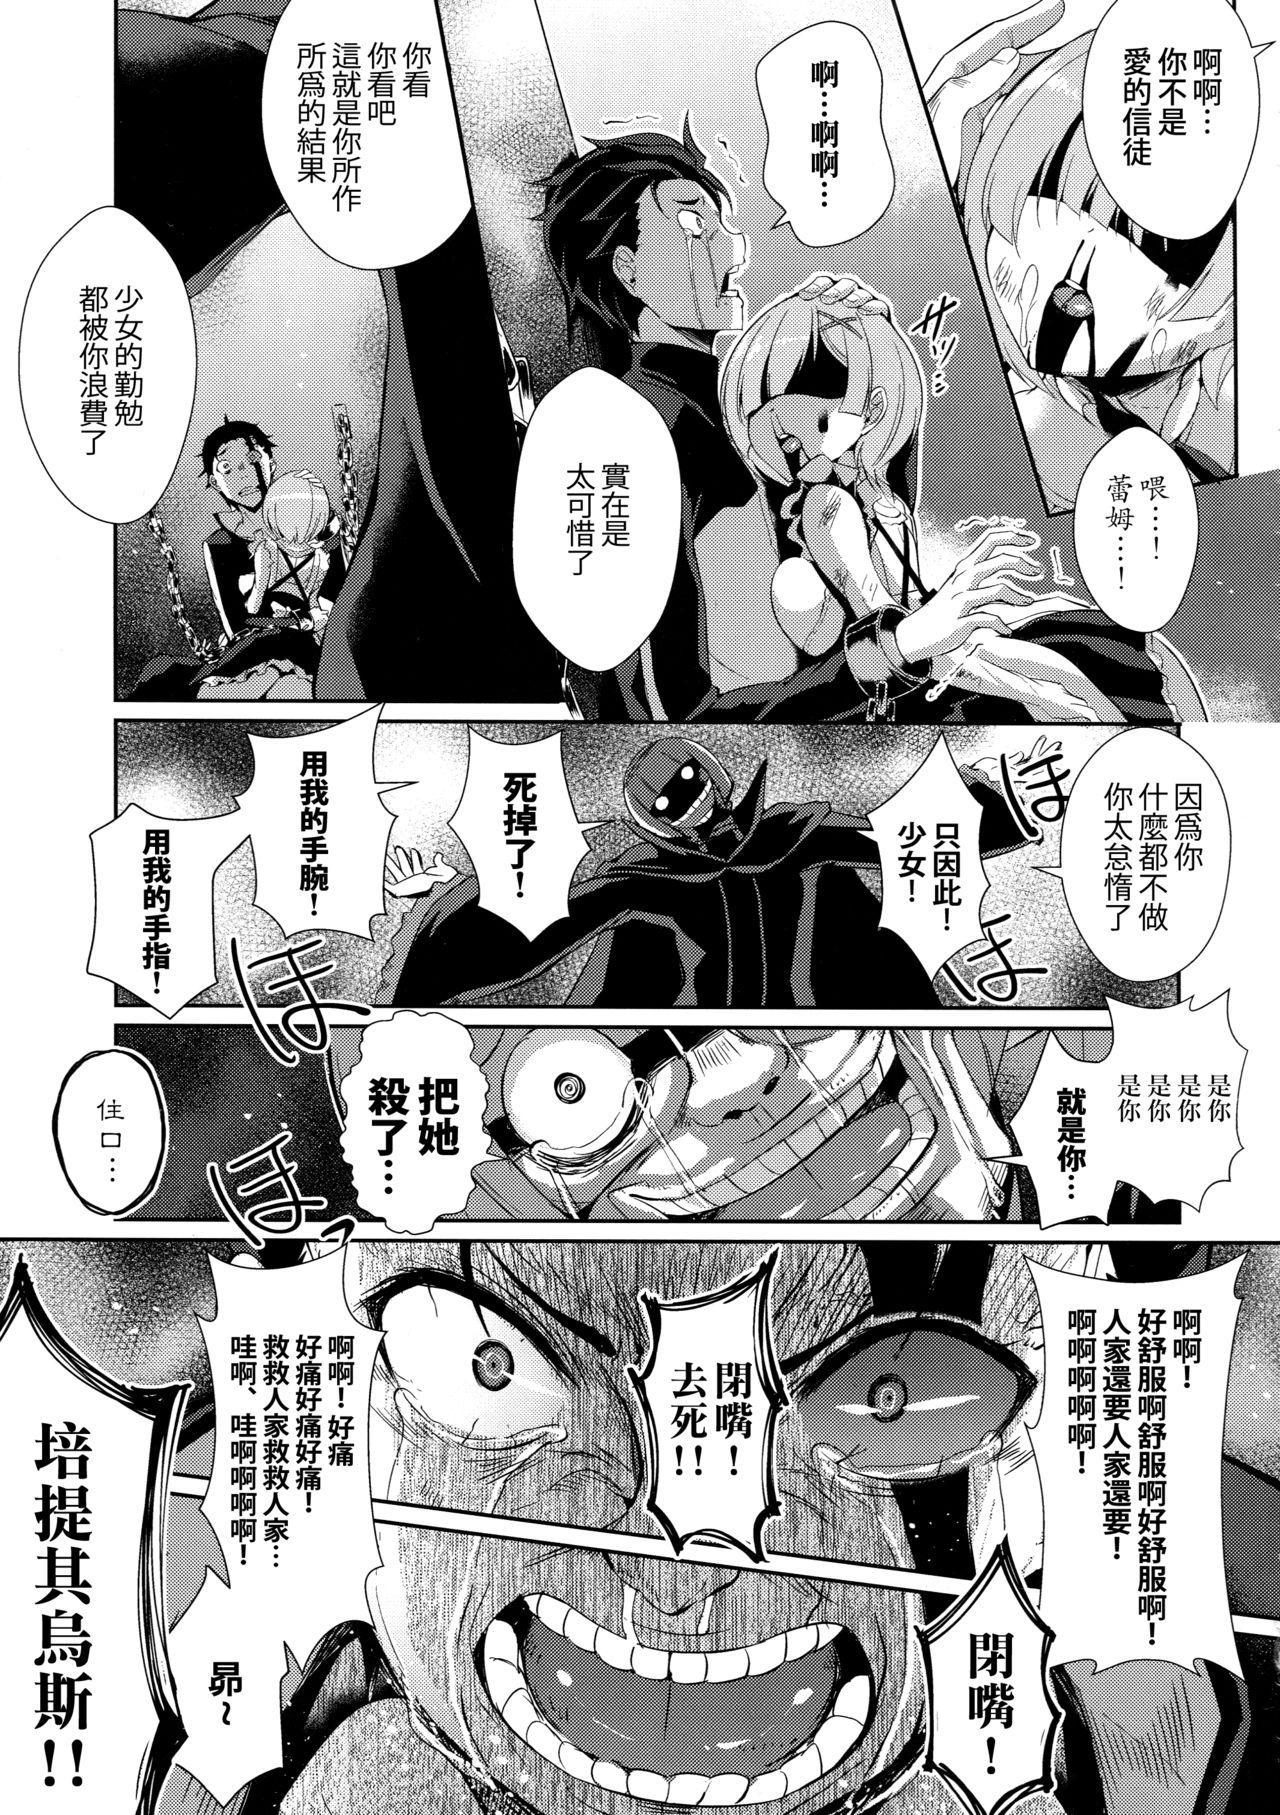 (C91) [Once Only (Nekoi Hikaru)] Rem Kara (Re:Zero kara Hajimeru Isekai Seikatsu) [Chinese] [无毒汉化组] 23